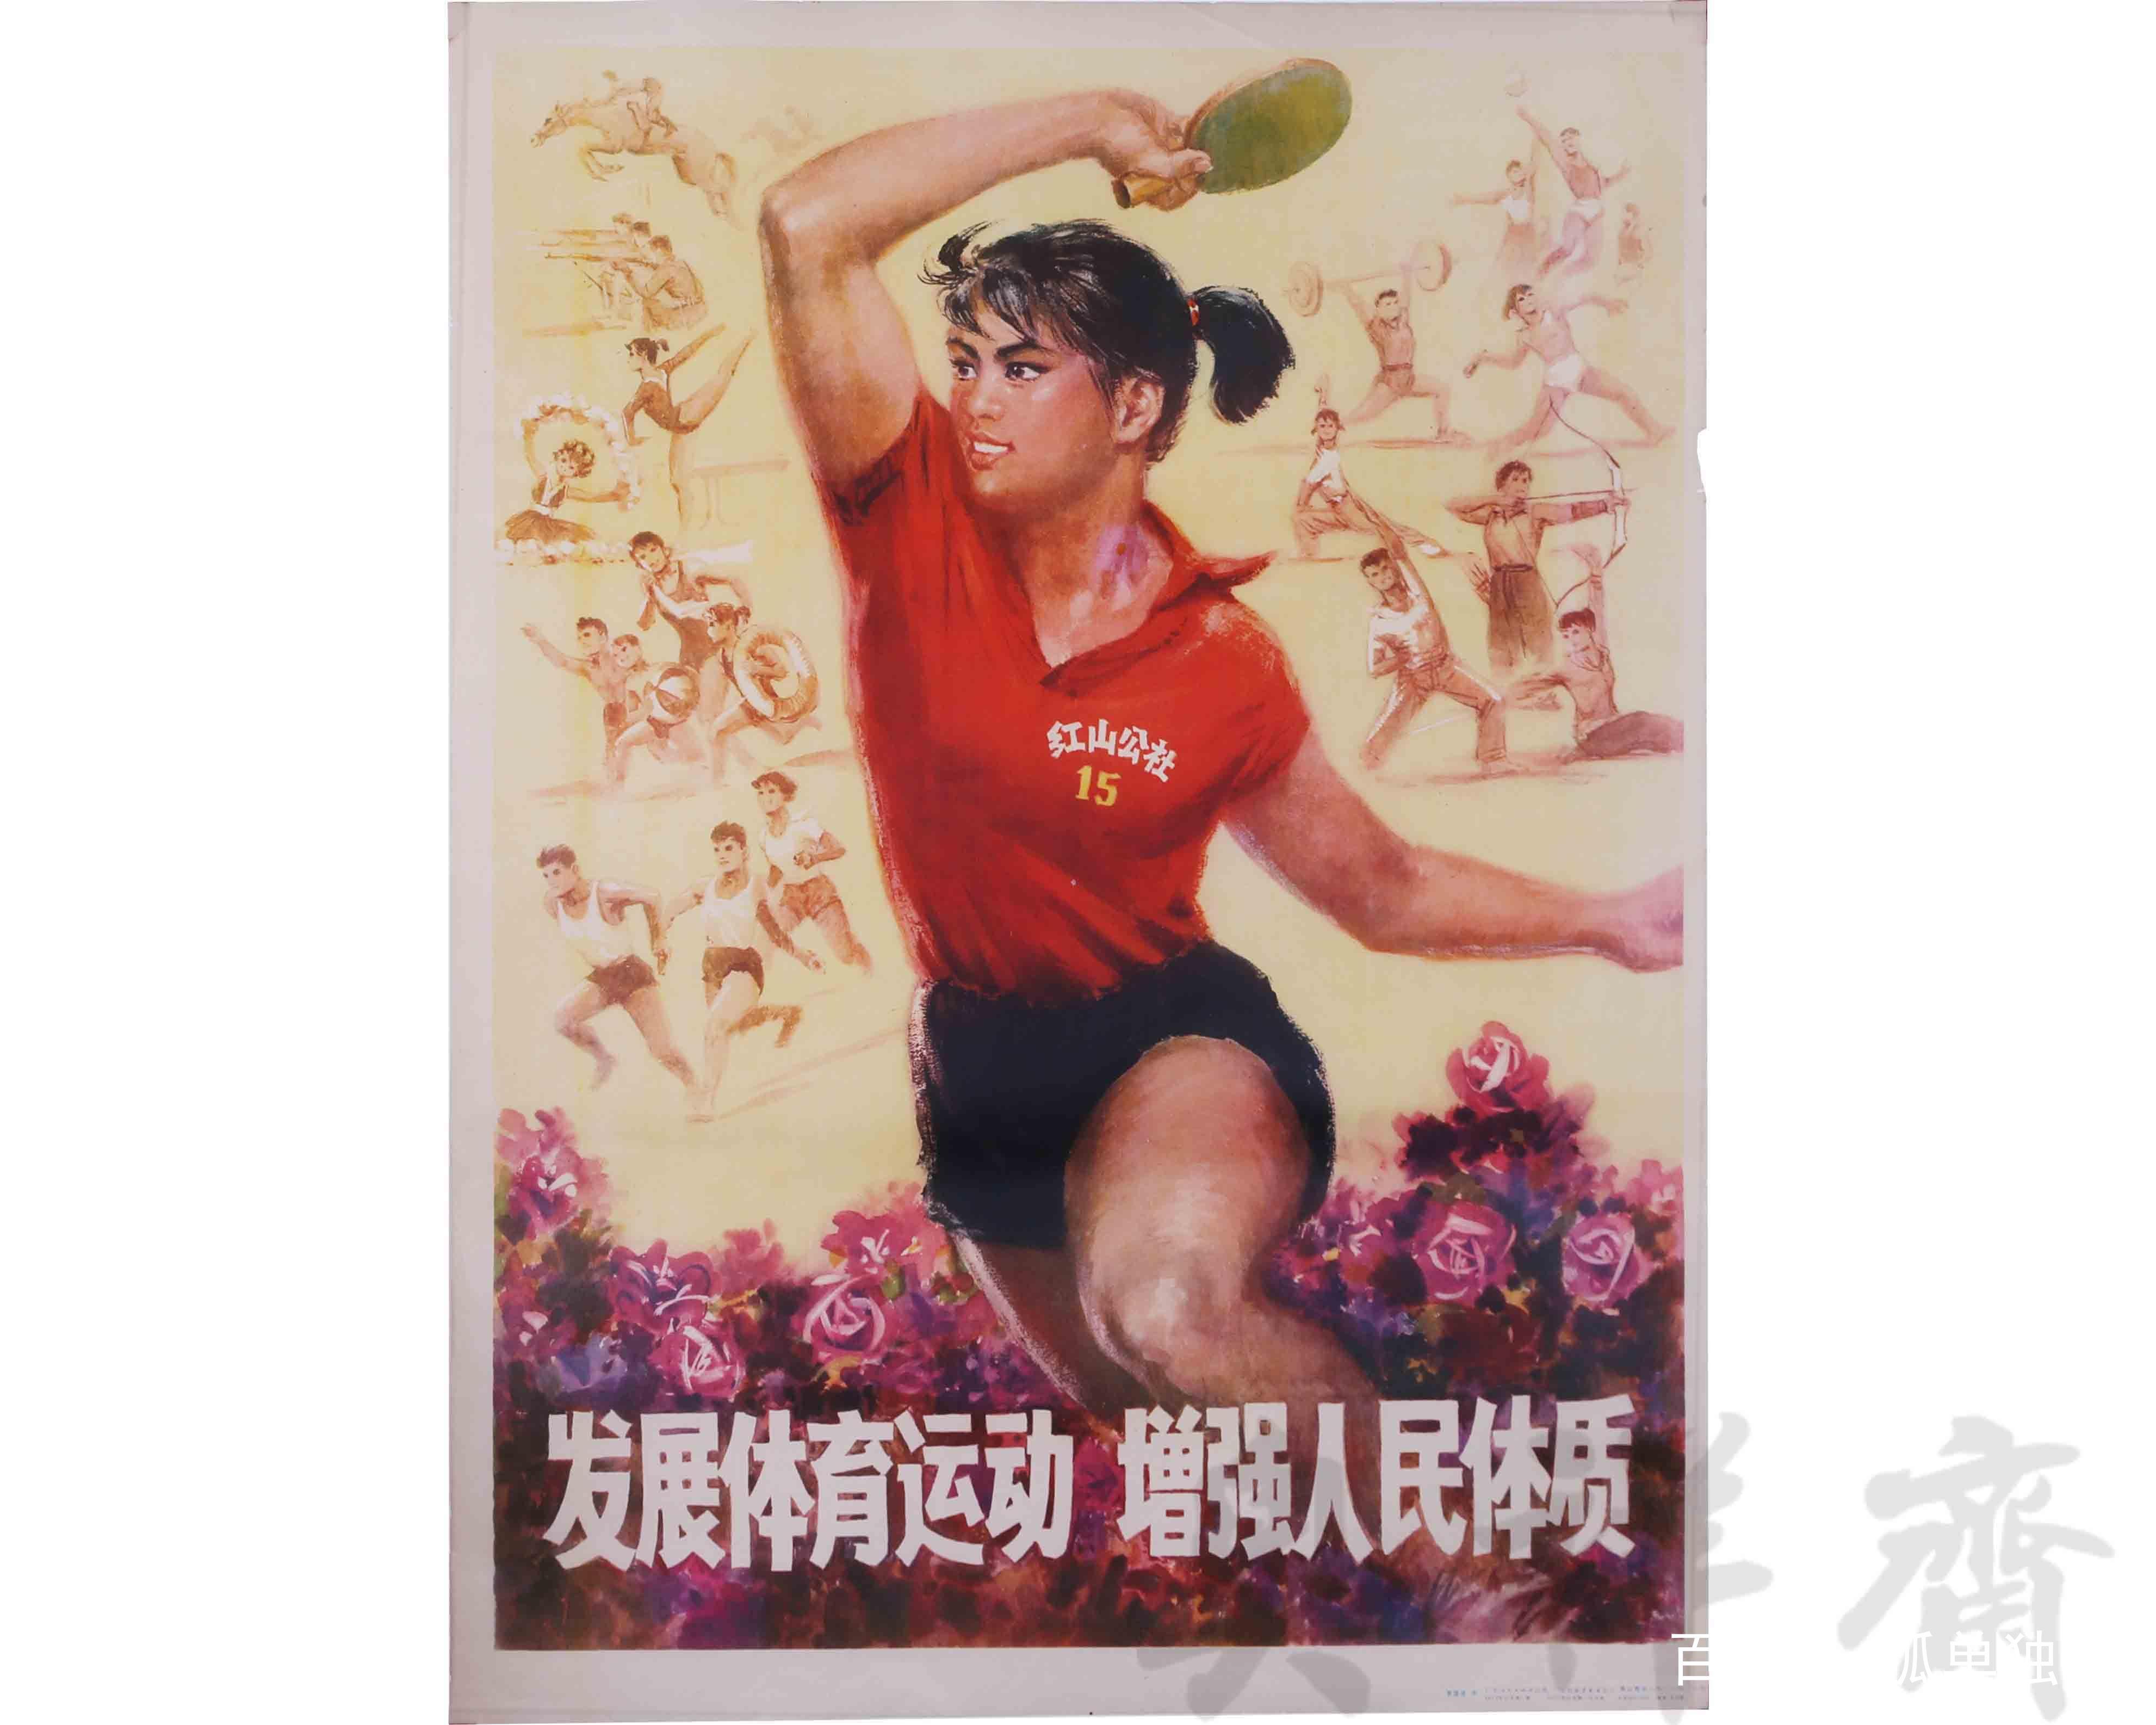 纯干货!新中国体育电影宣传画全套最新最全合集(一)图片